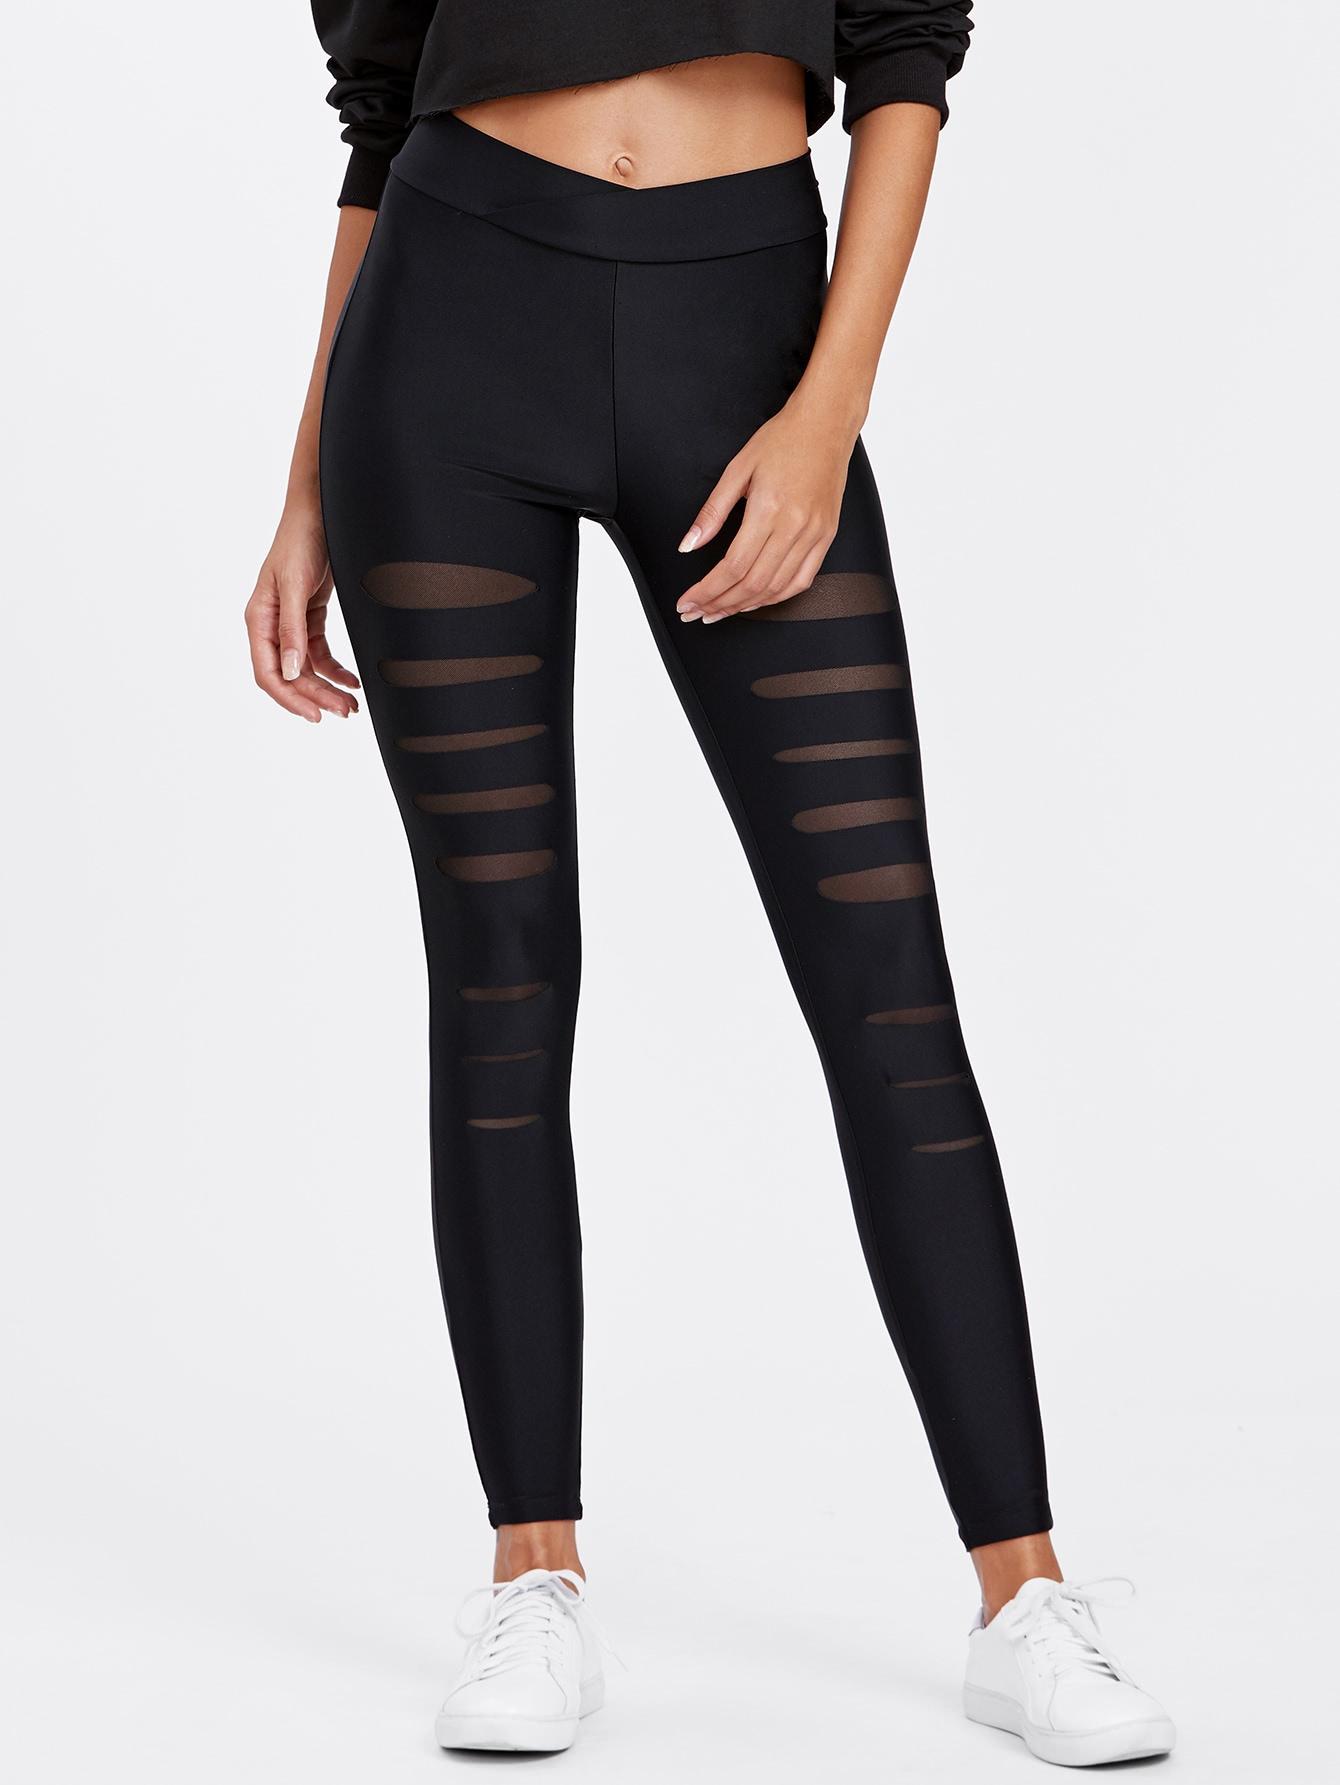 Mesh Insert Ripped Leggings black slim ripped leggings